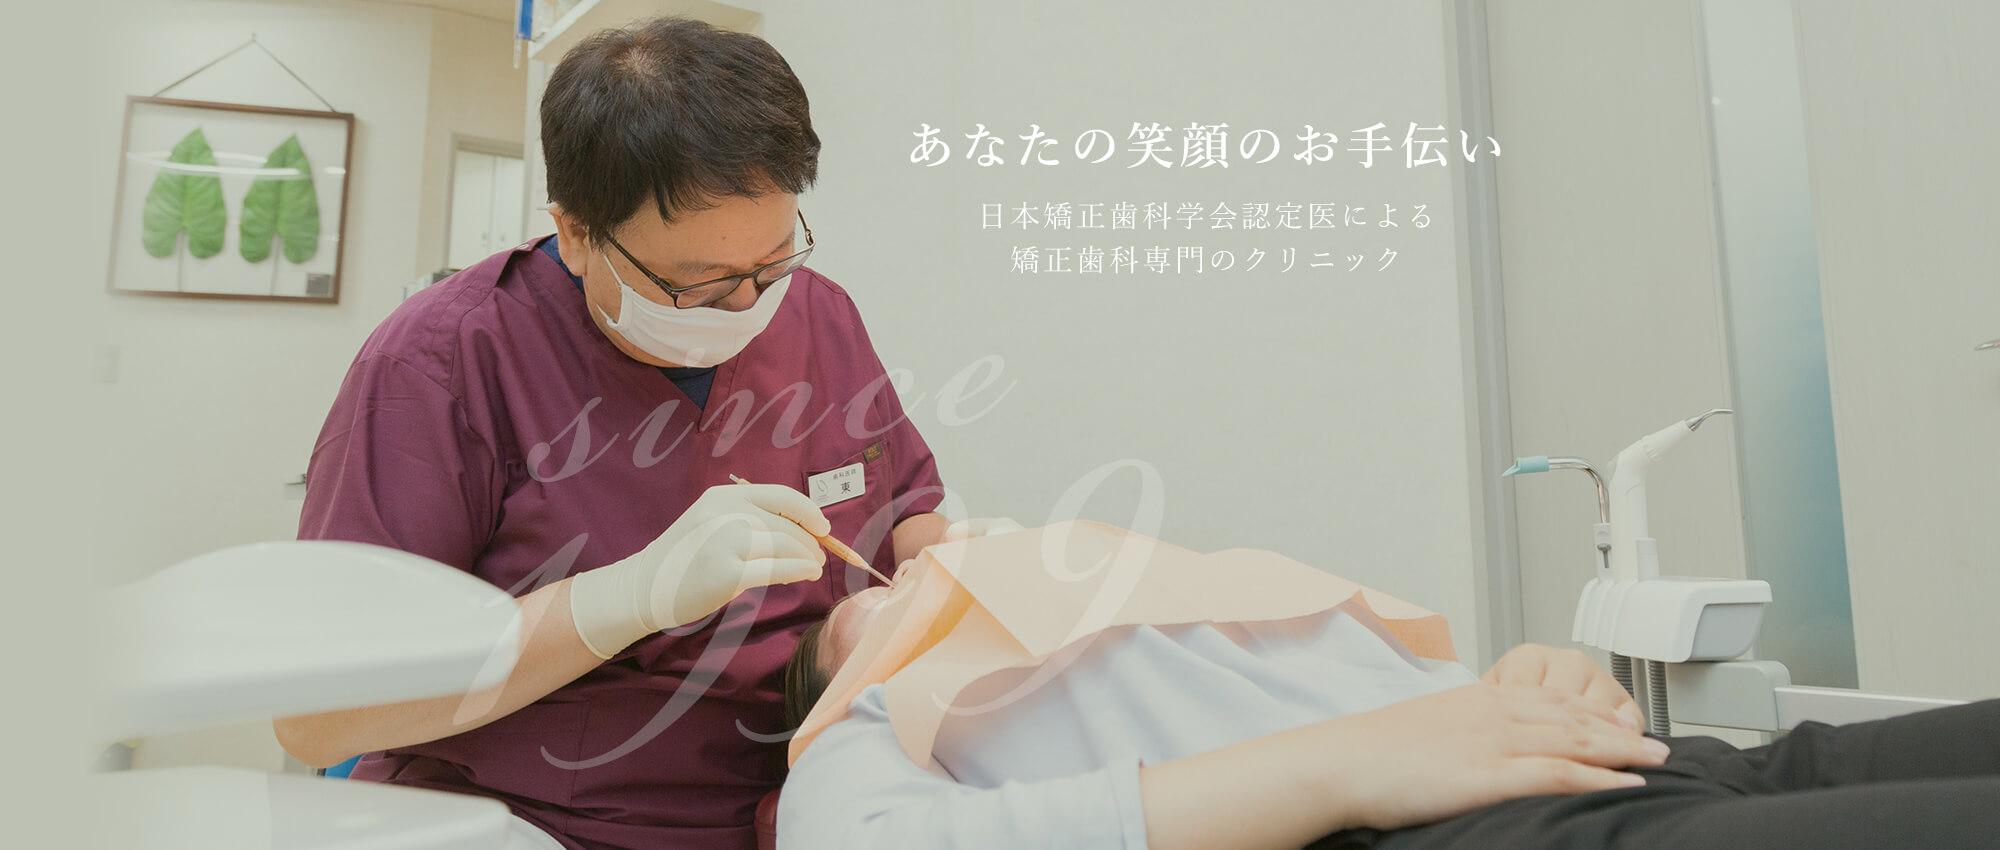 あなたの笑顔のお手伝い 日本矯正歯科学会認定医による矯正歯科専門のクリニック